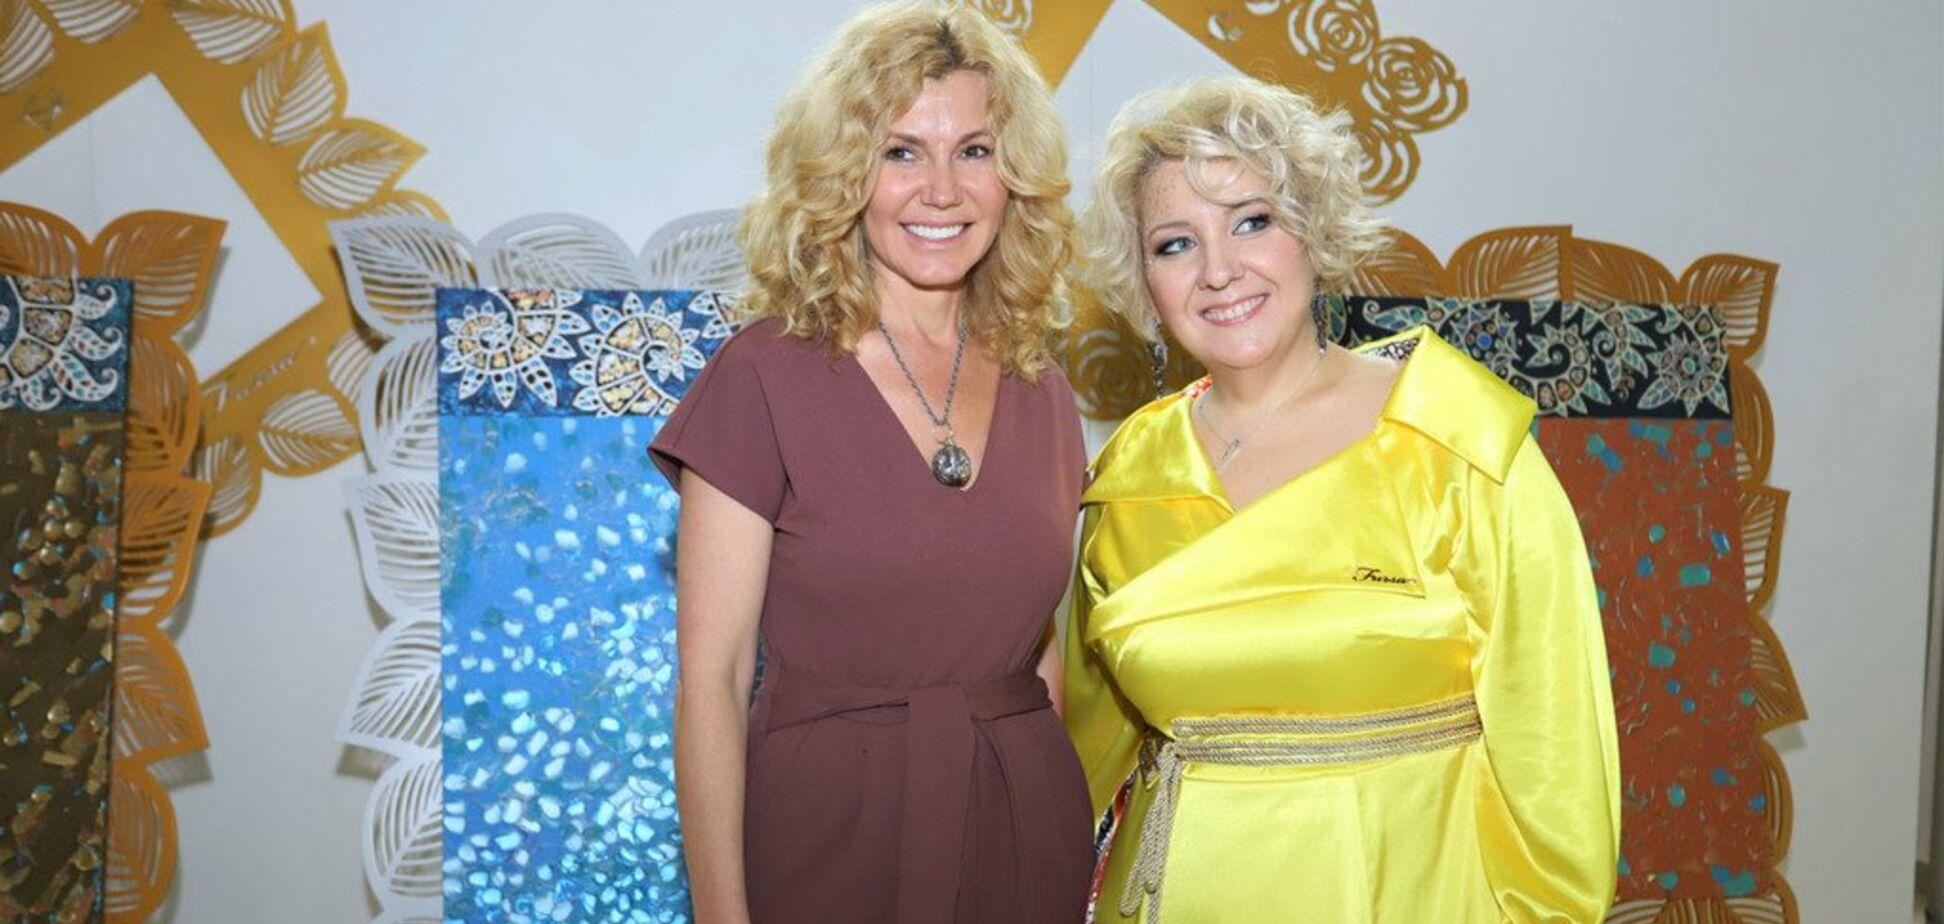 В Киеве открылась персональная выставка Оксаны Фурса: кто из звезд пришел